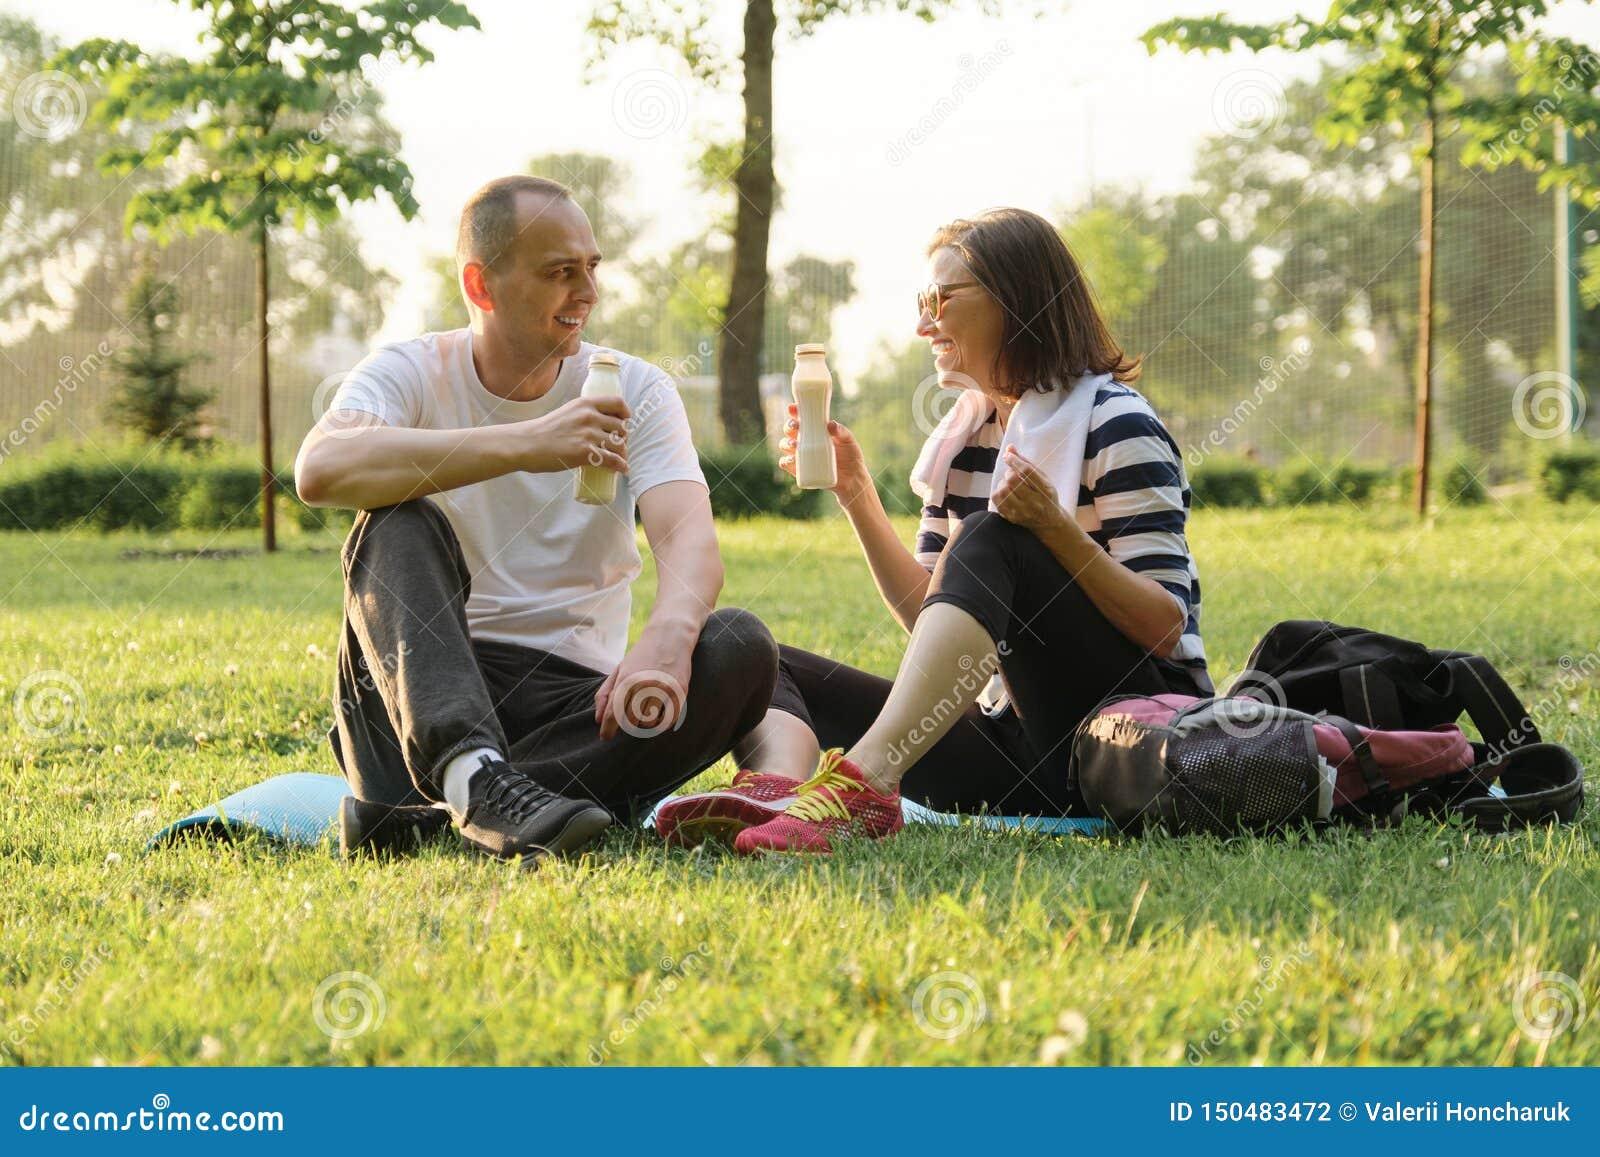 Ευτυχής ώριμη συνεδρίαση ζευγών στο πάρκο στο χαλί ικανότητας, στηργμένος γιαούρτι κατανάλωσης μετά από τις αθλητικές ασκήσεις